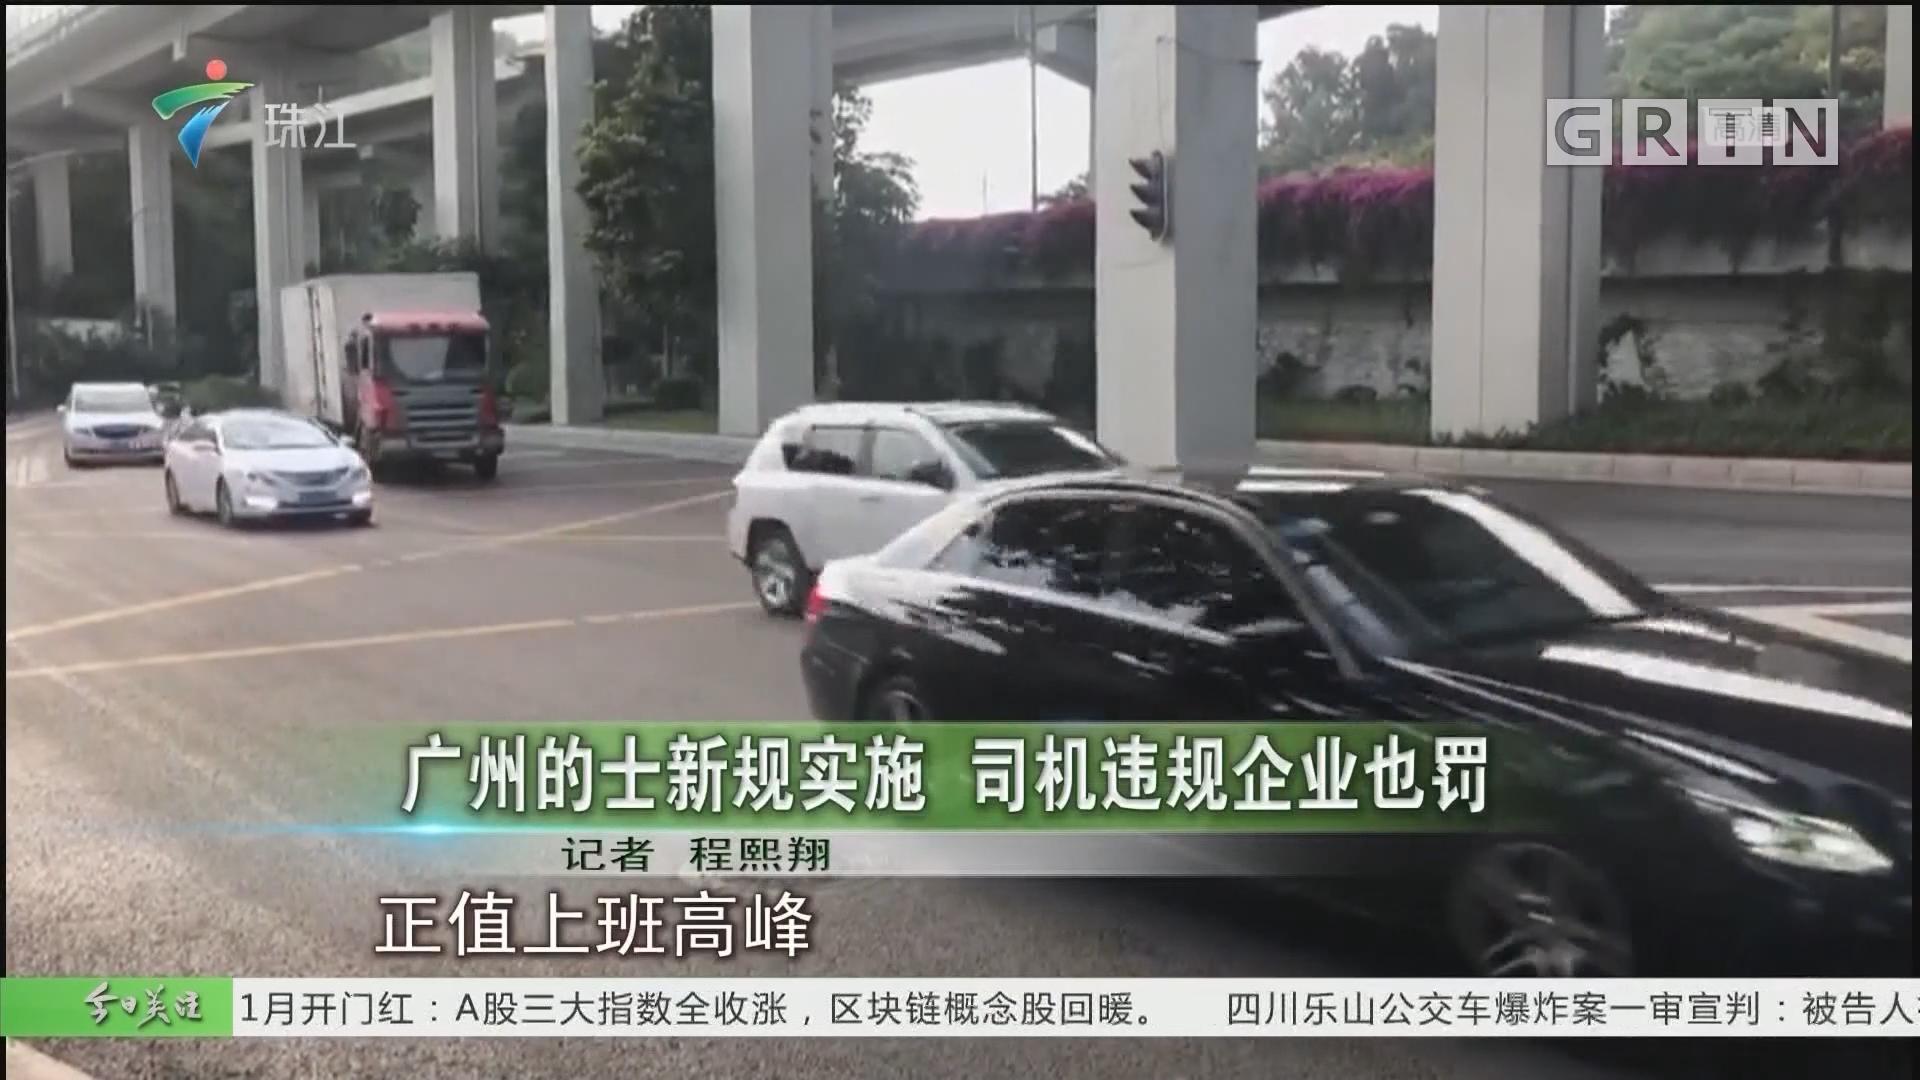 广州的士新规实施 司机违规企业也罚